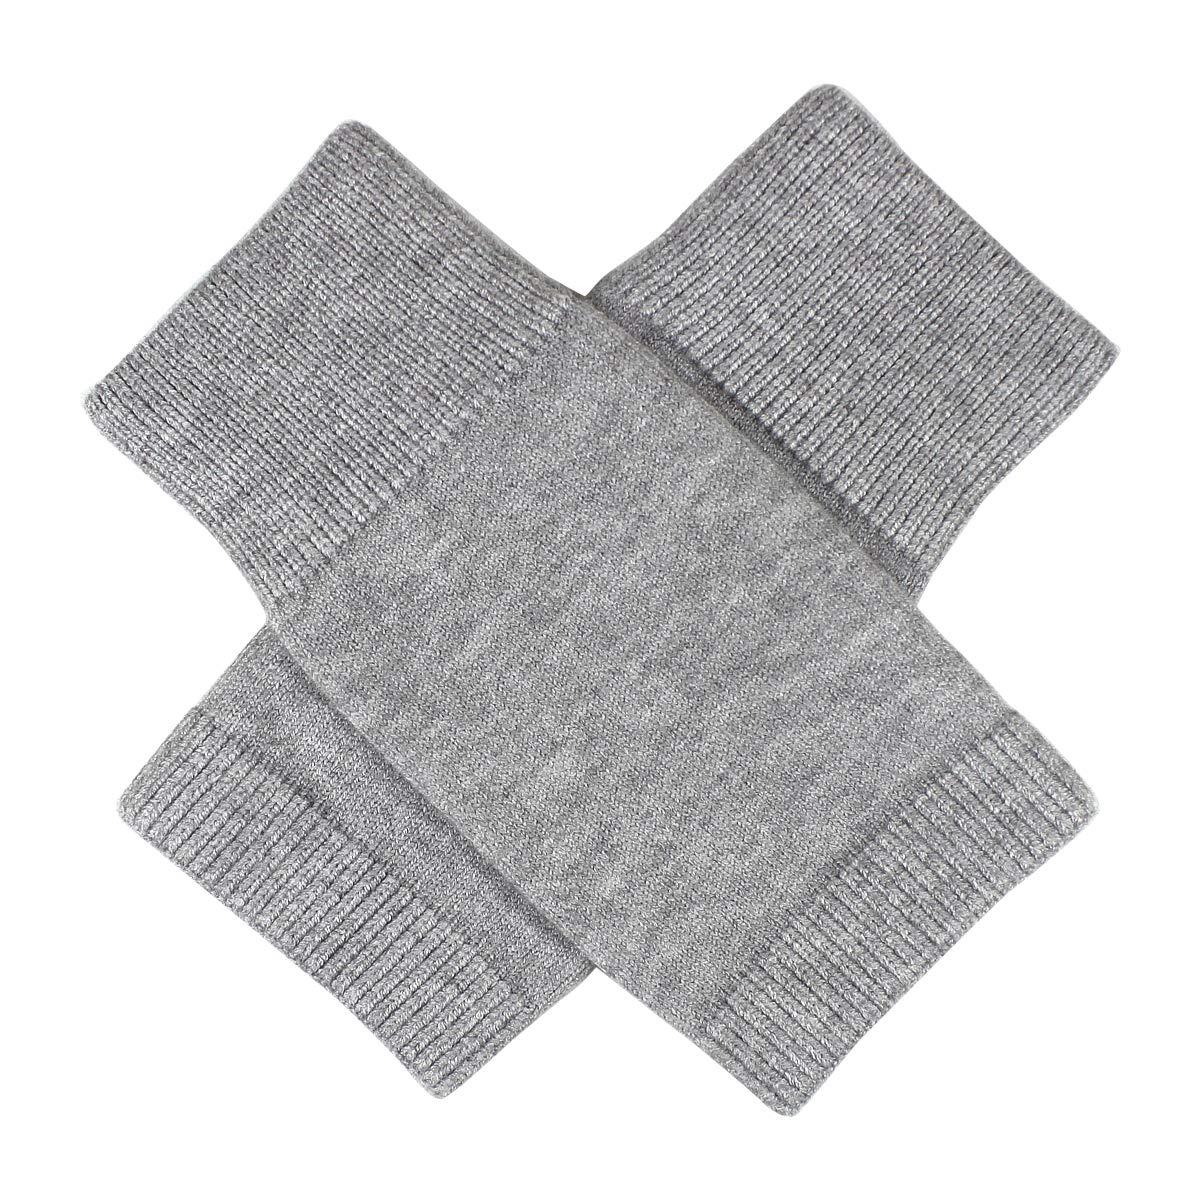 Dokpav Winter Handschuhe Fingerlose F/äustlinge Damen Wolle Warm Fingerhandschuhe Fingerlos Halb Handschuhe Strick Handschuhe